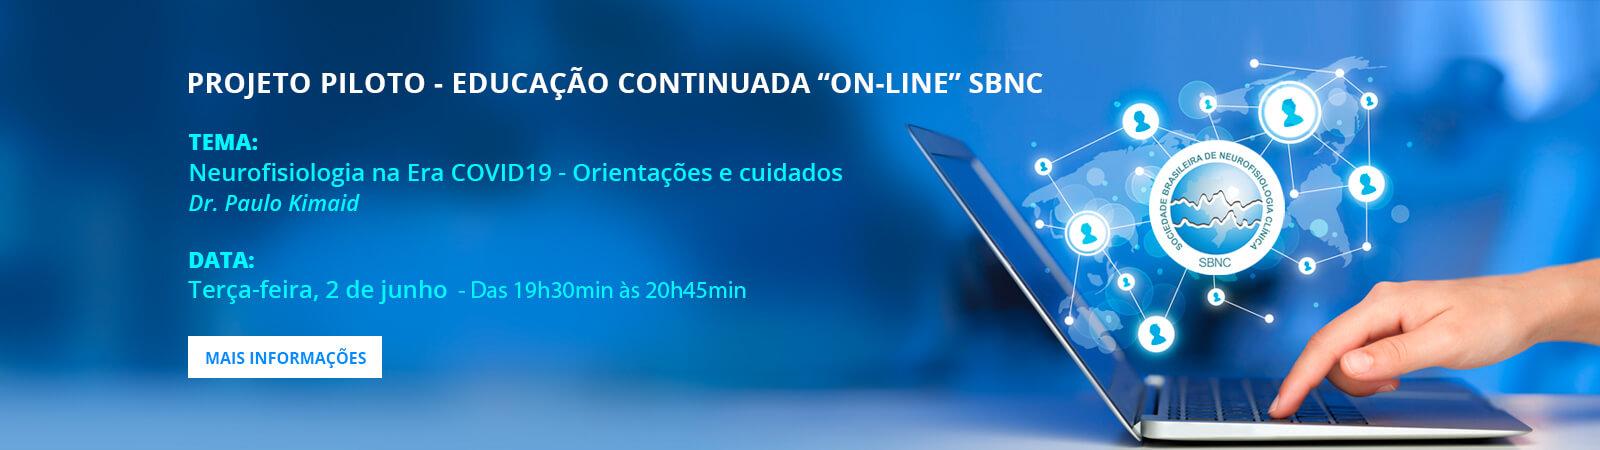 """PROJETO PILOTO – EDUCAÇÃO CONTINUADA """"ON-LINE"""" SBNC"""